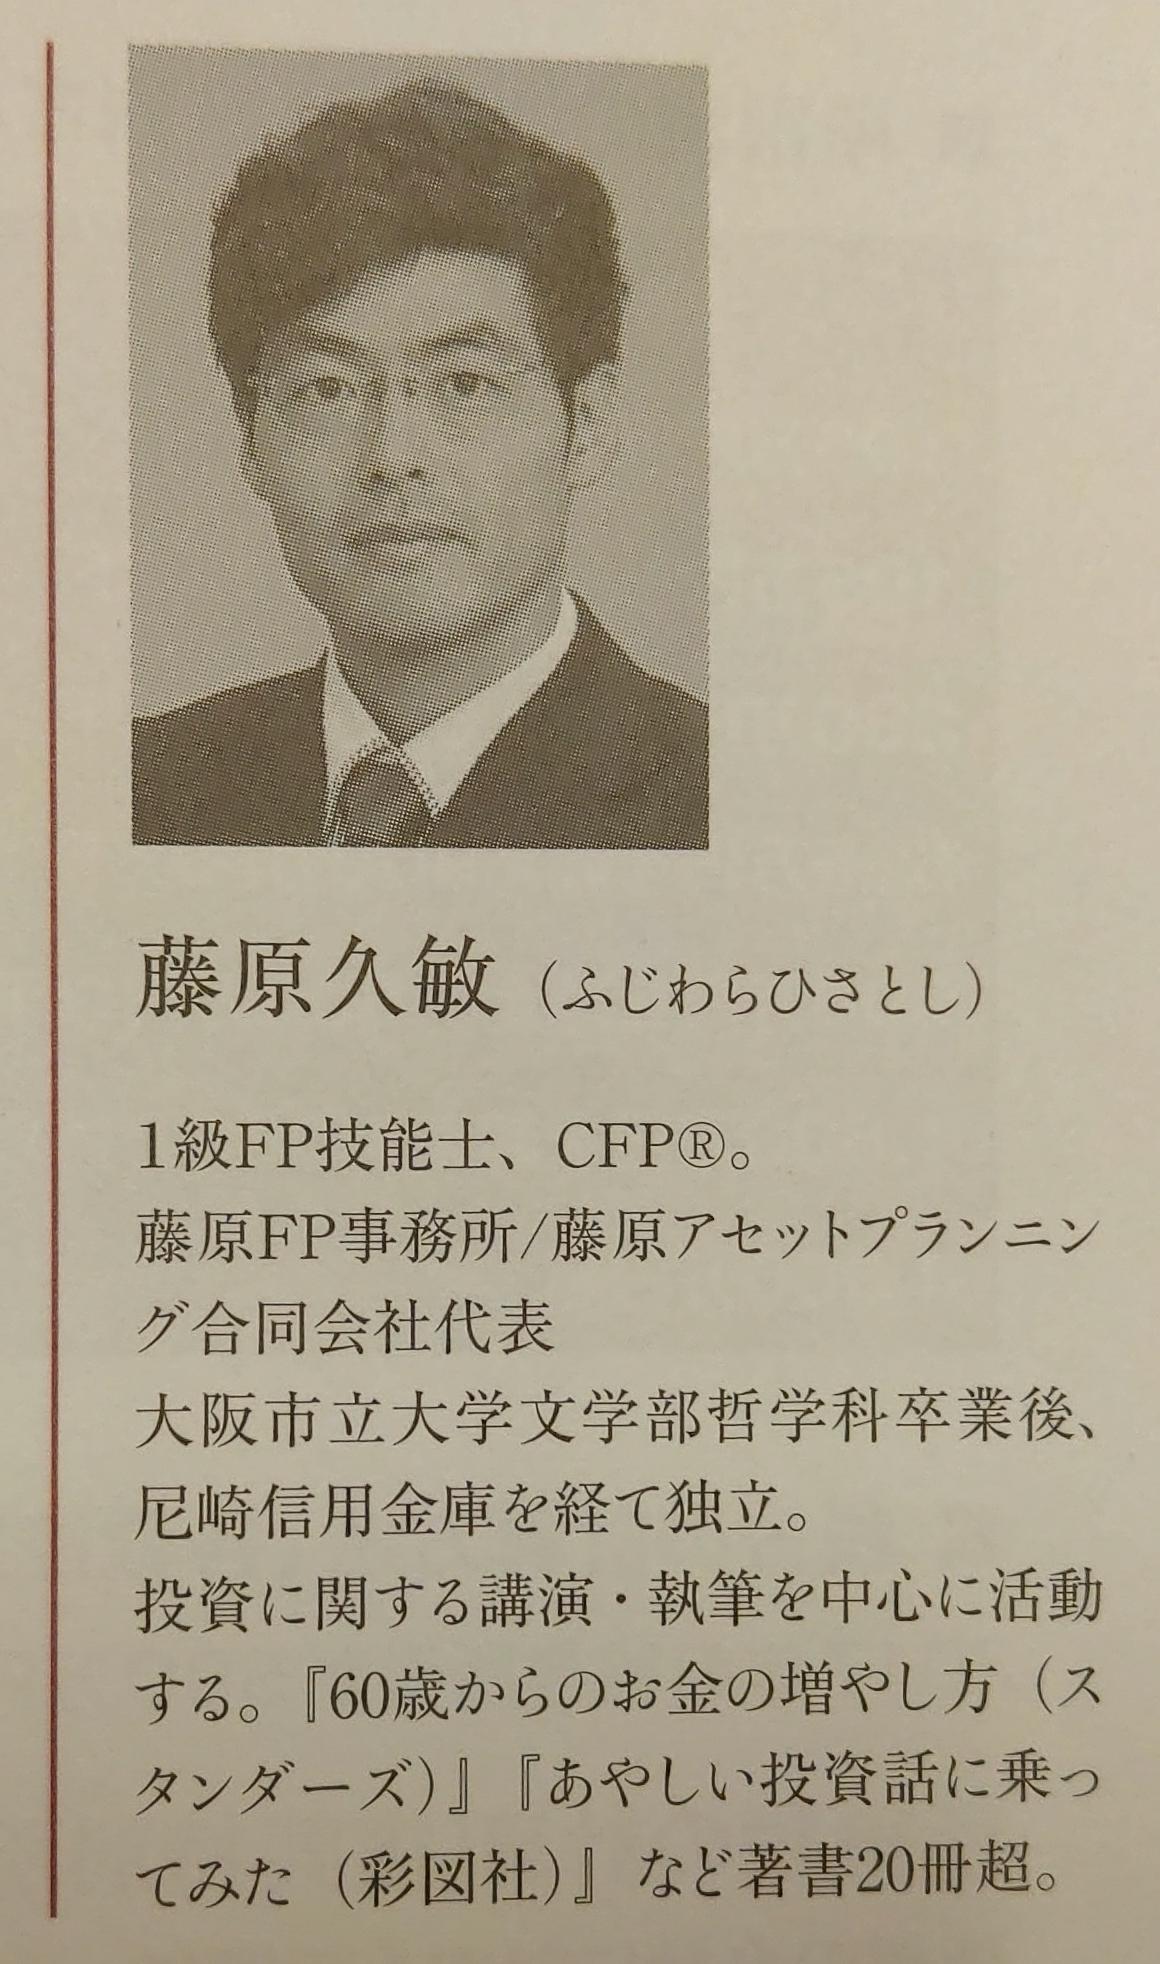 投資2.0 ~投資型クラウドファンディング入門_藤原久敏氏